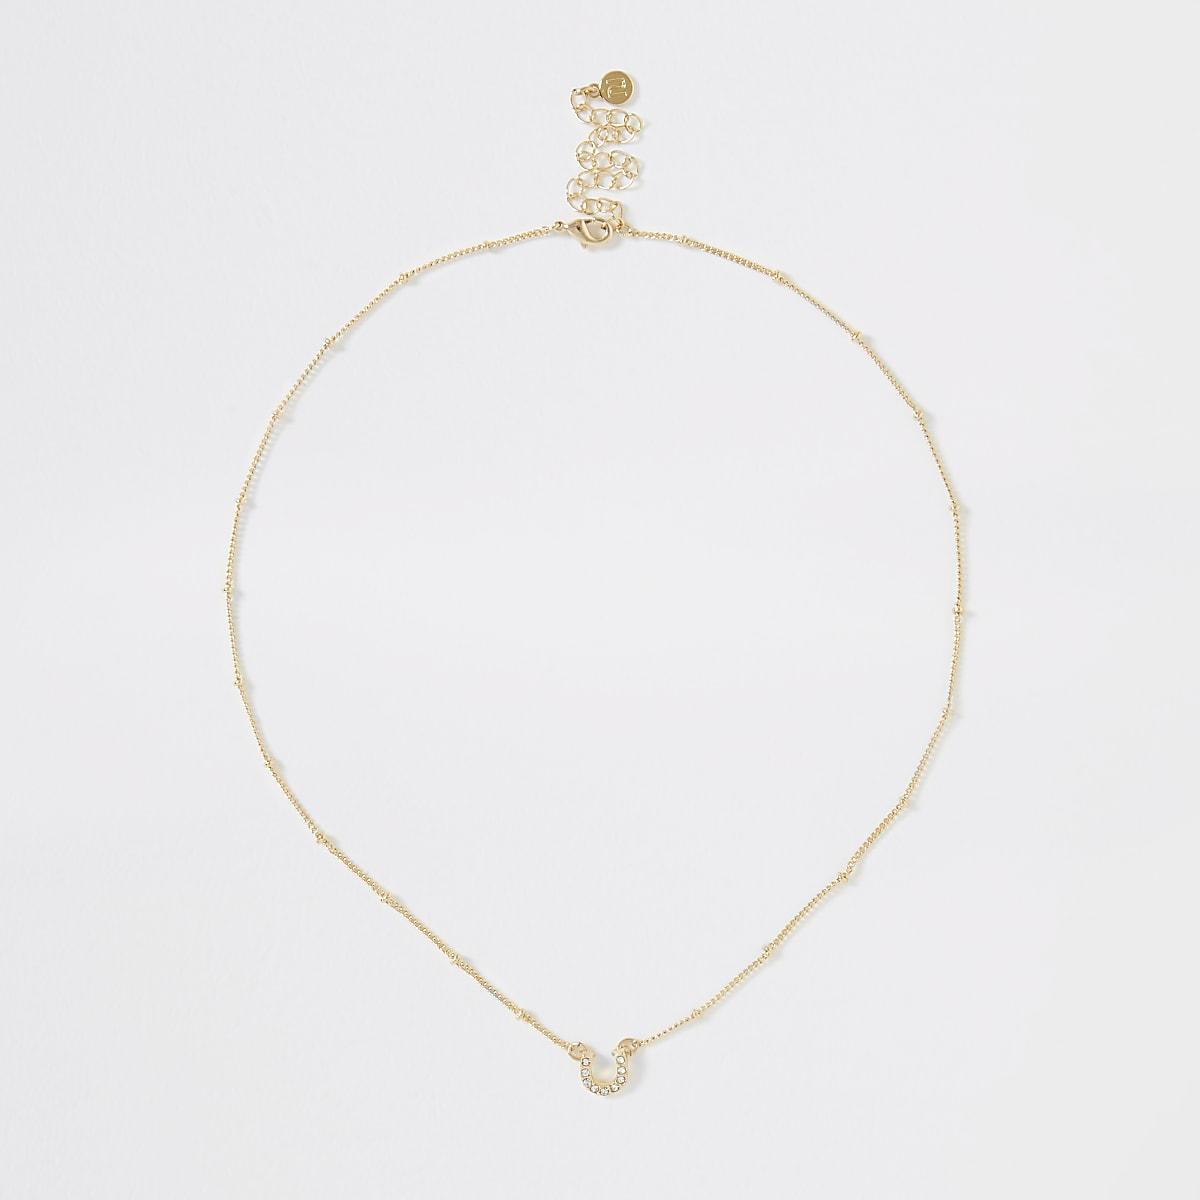 Gold colour horse shoe necklace